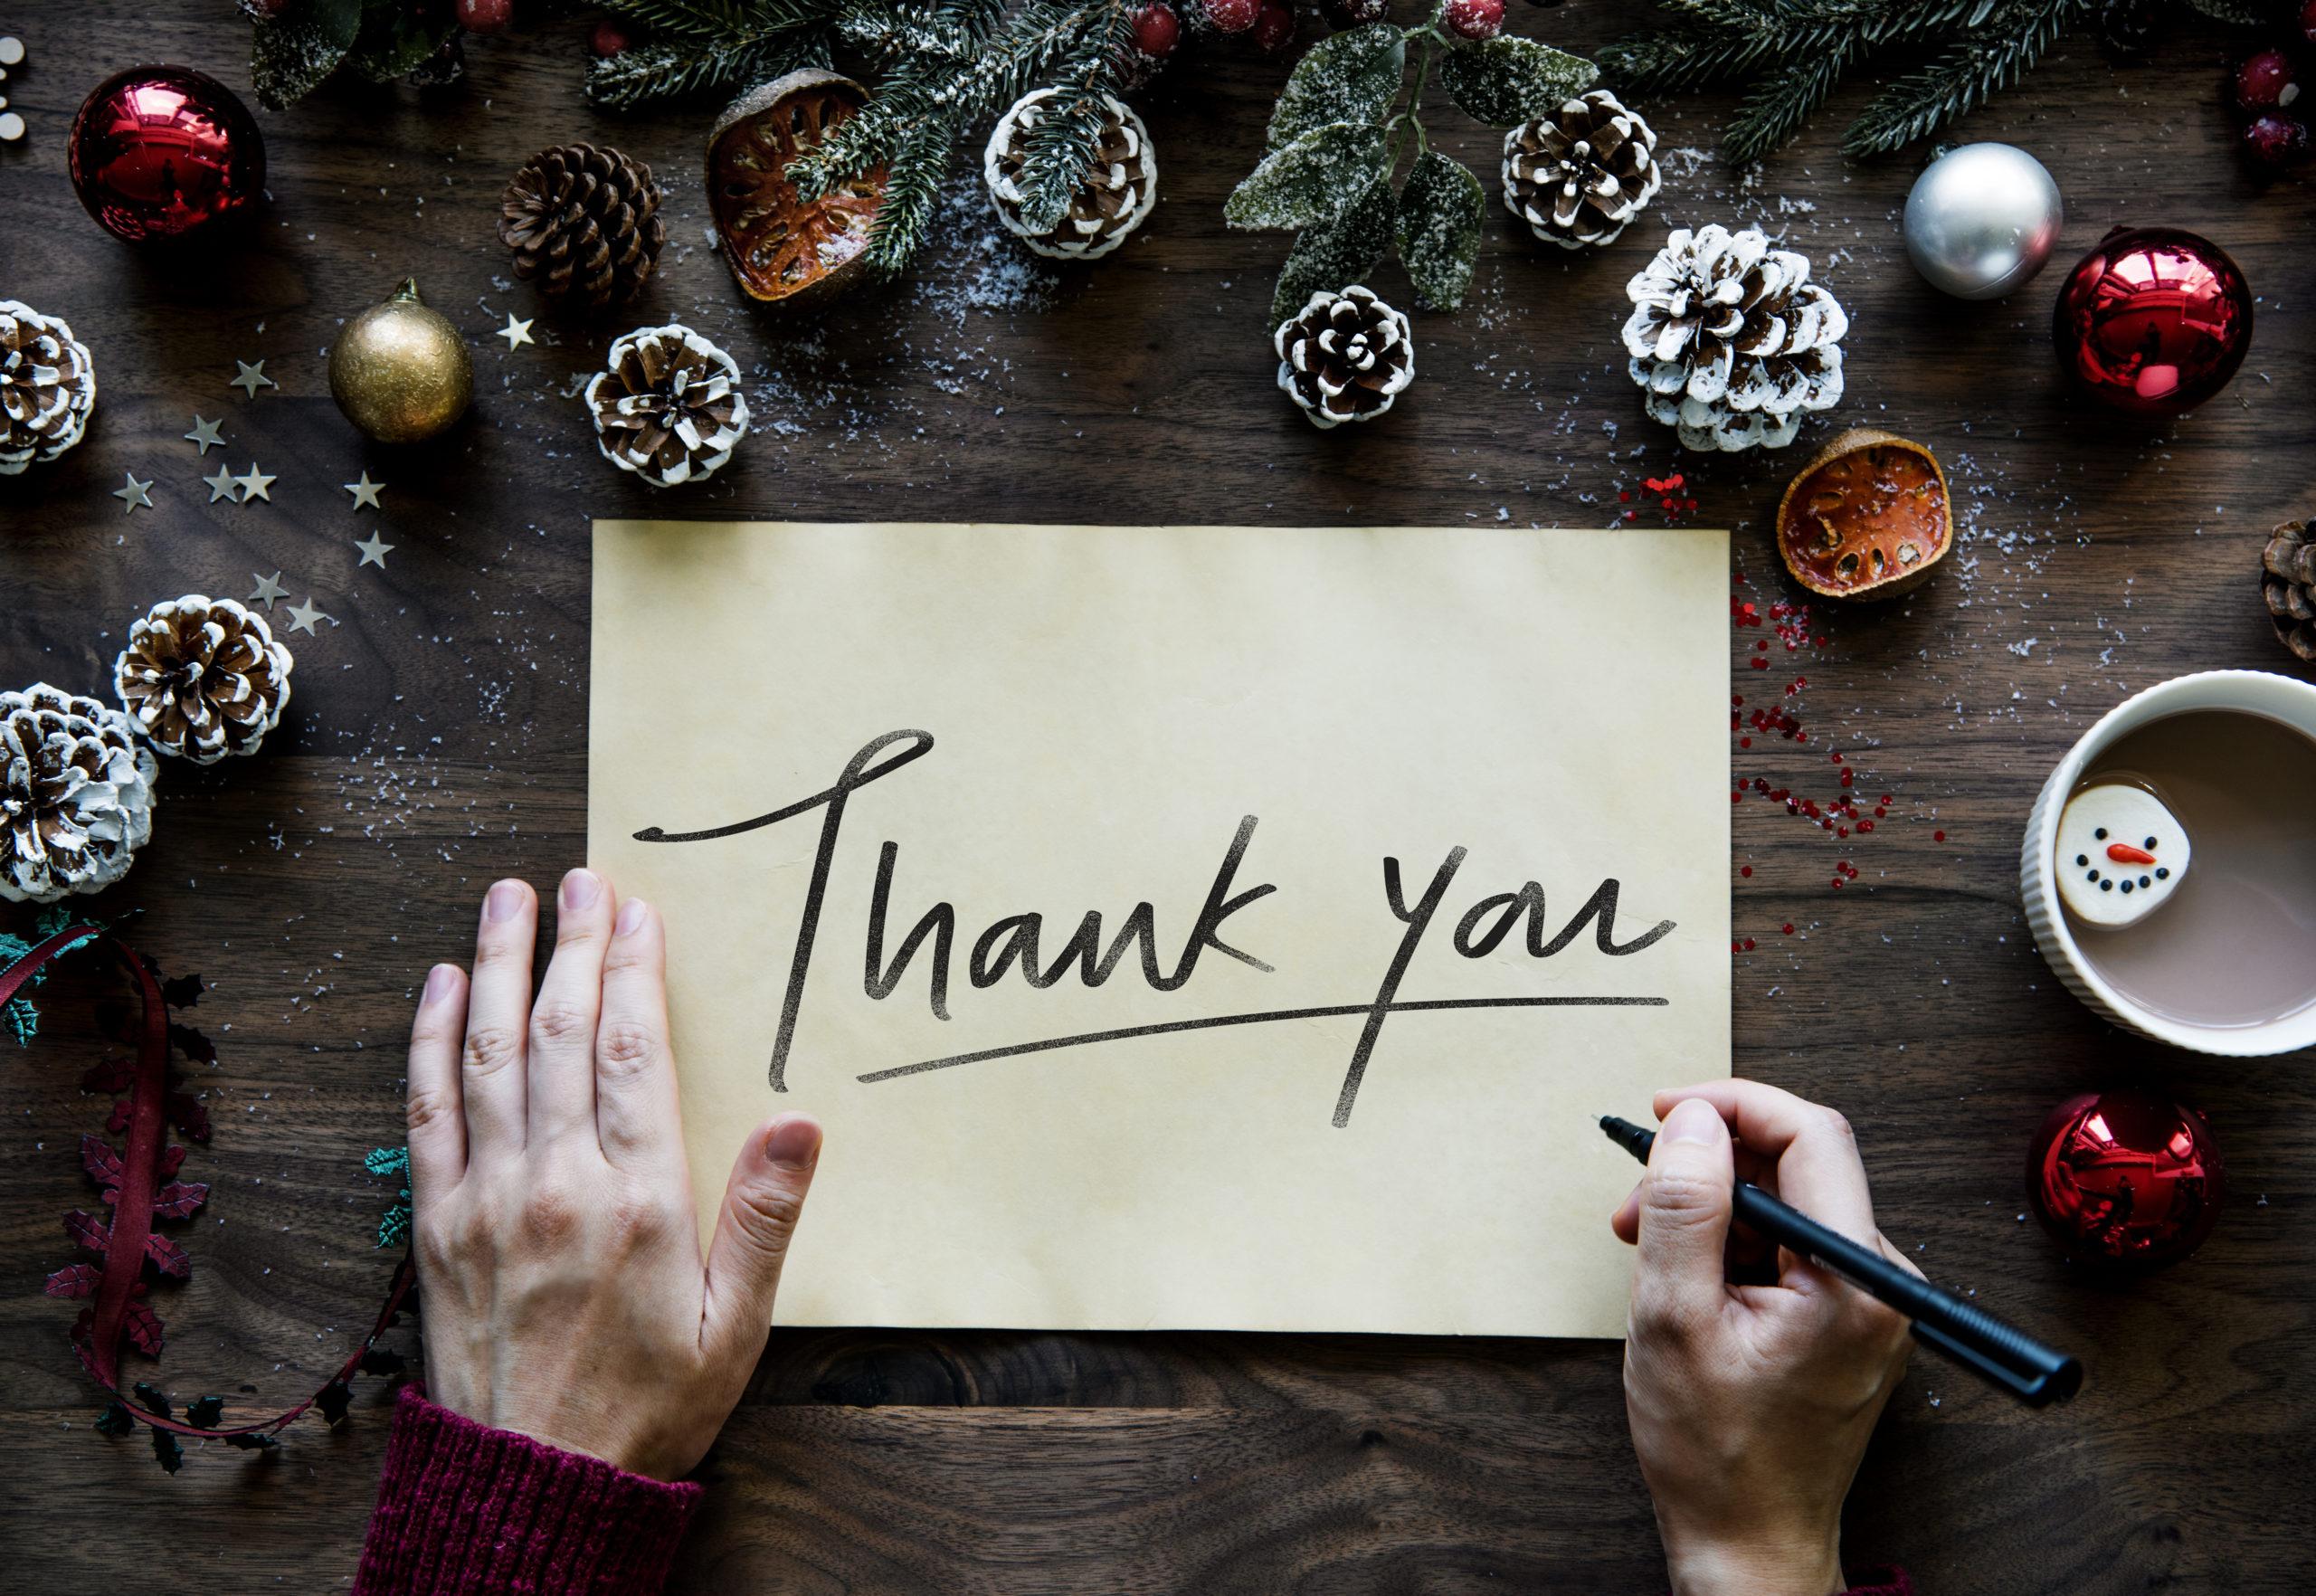 モチベーションを一瞬であげる魔法の言葉は「ありがとう」